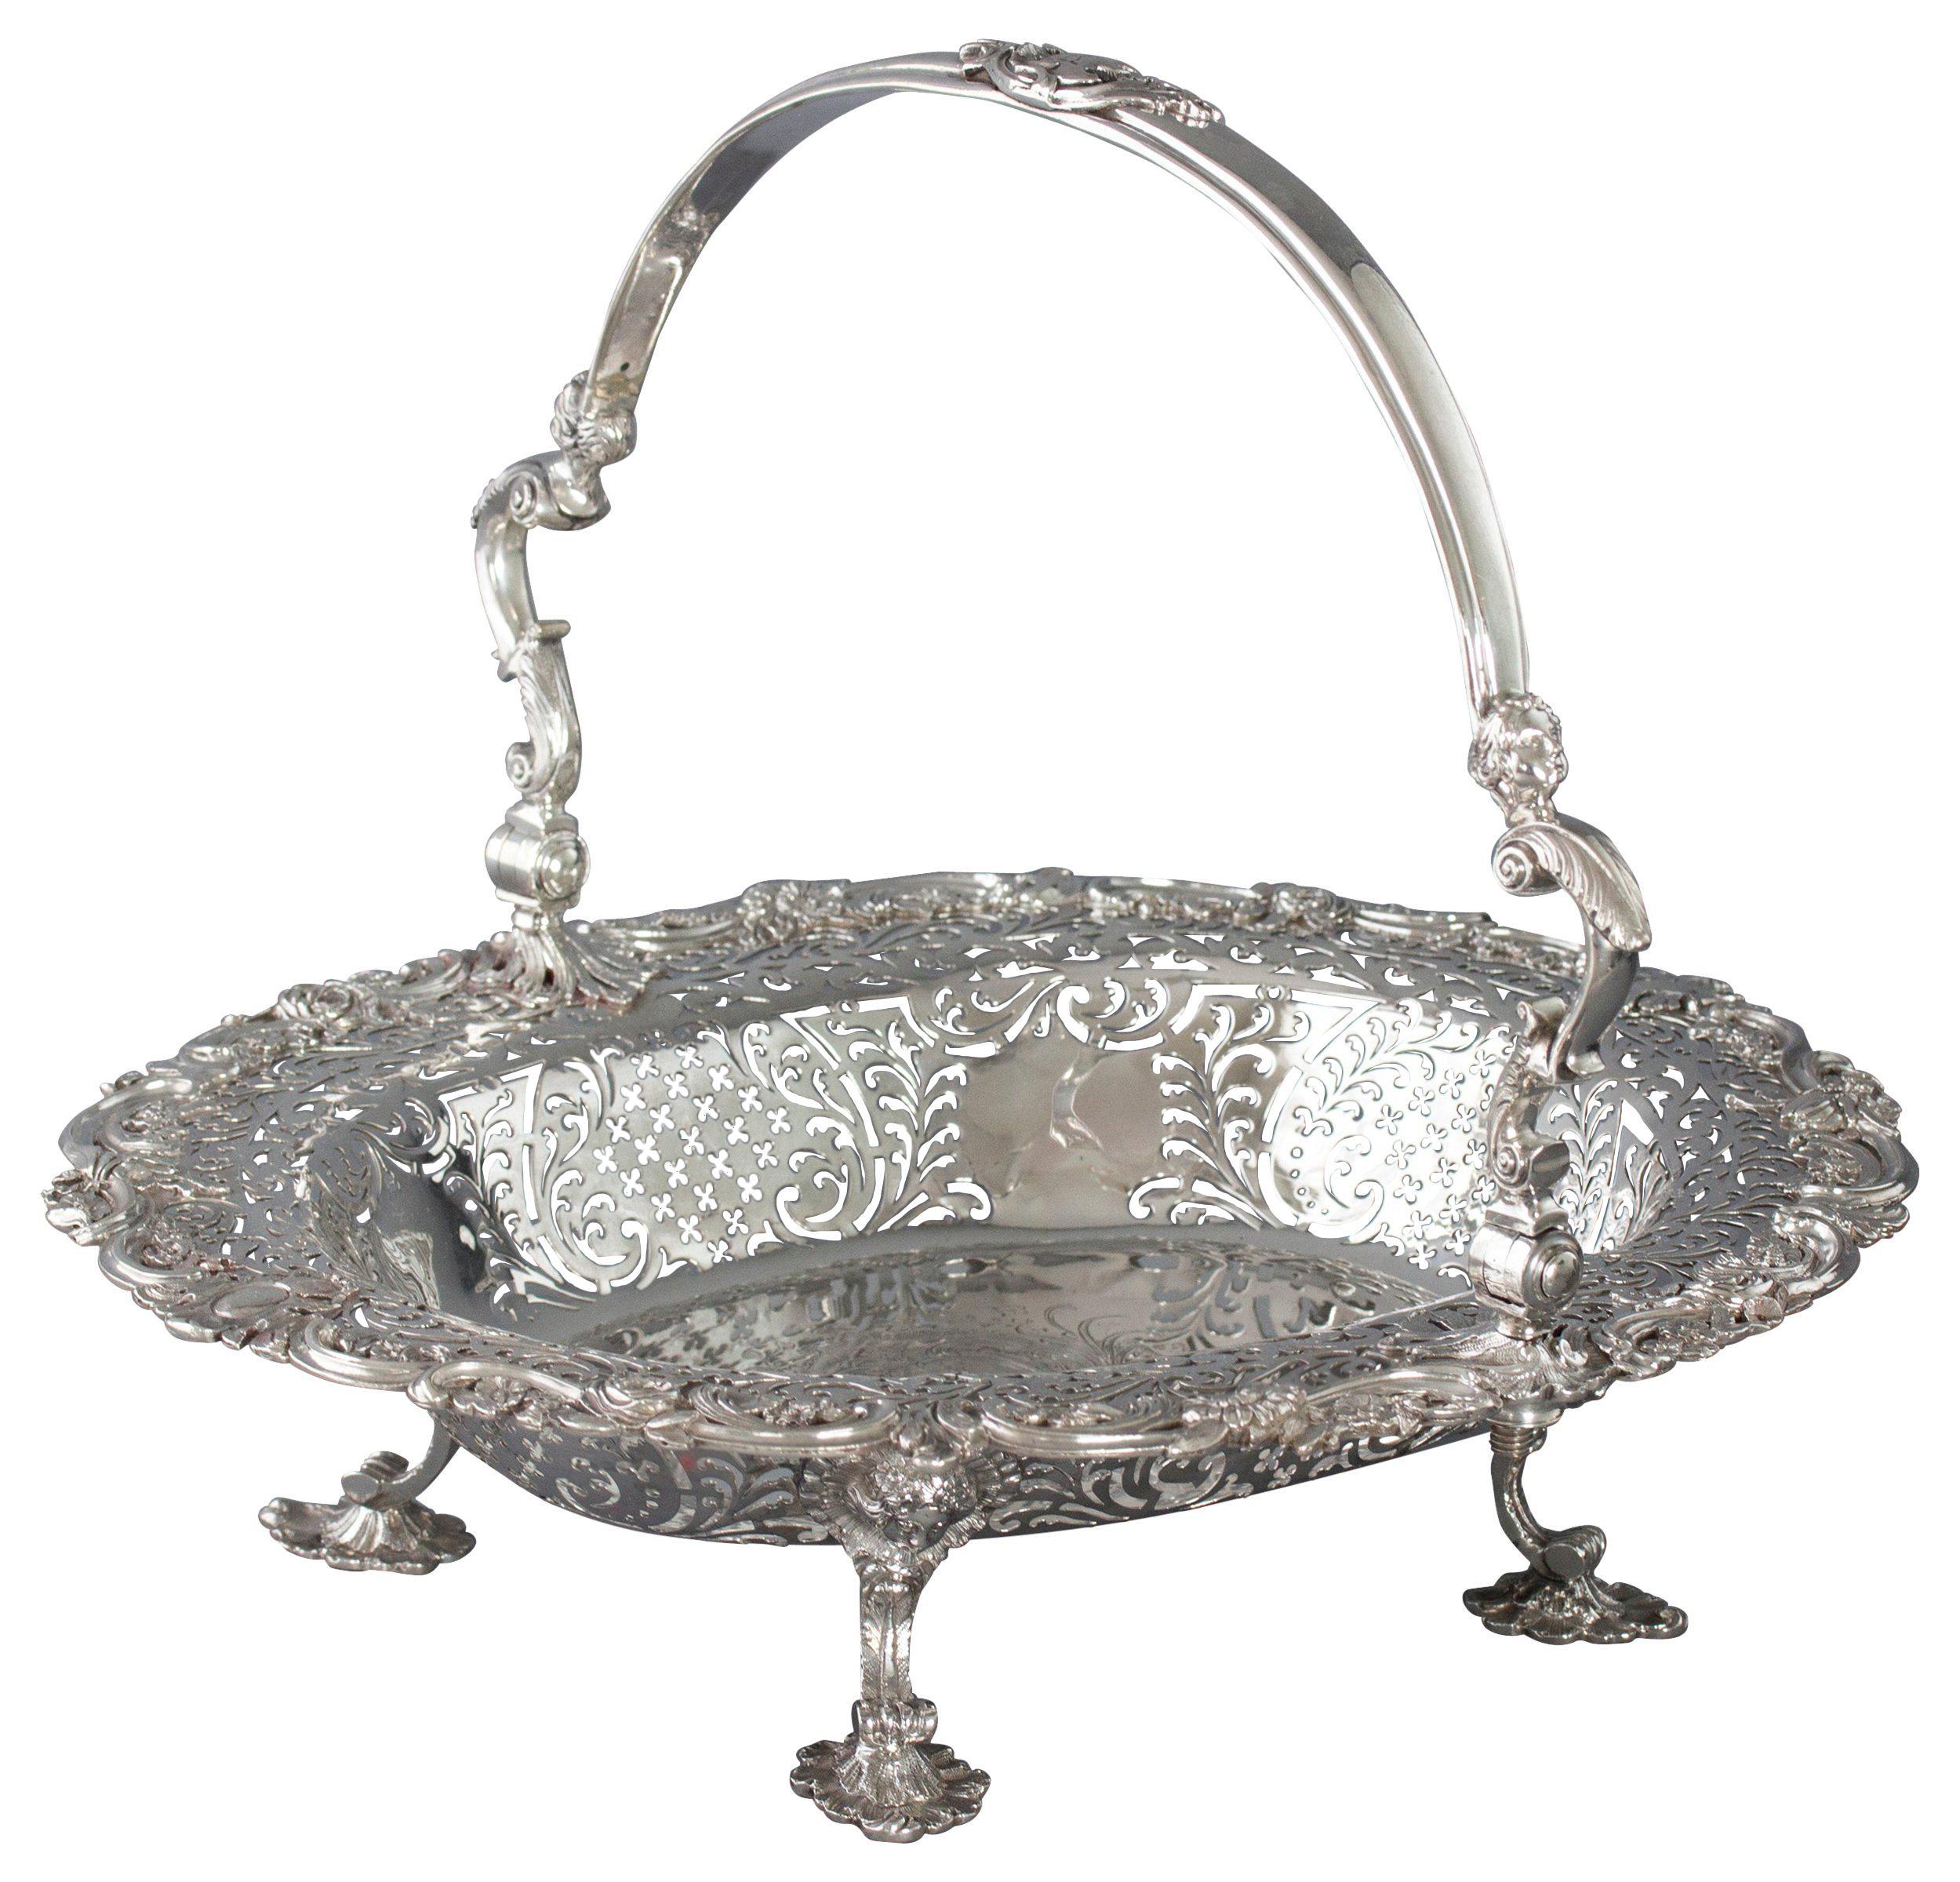 George II Sterling Silver Basket, London, 1747